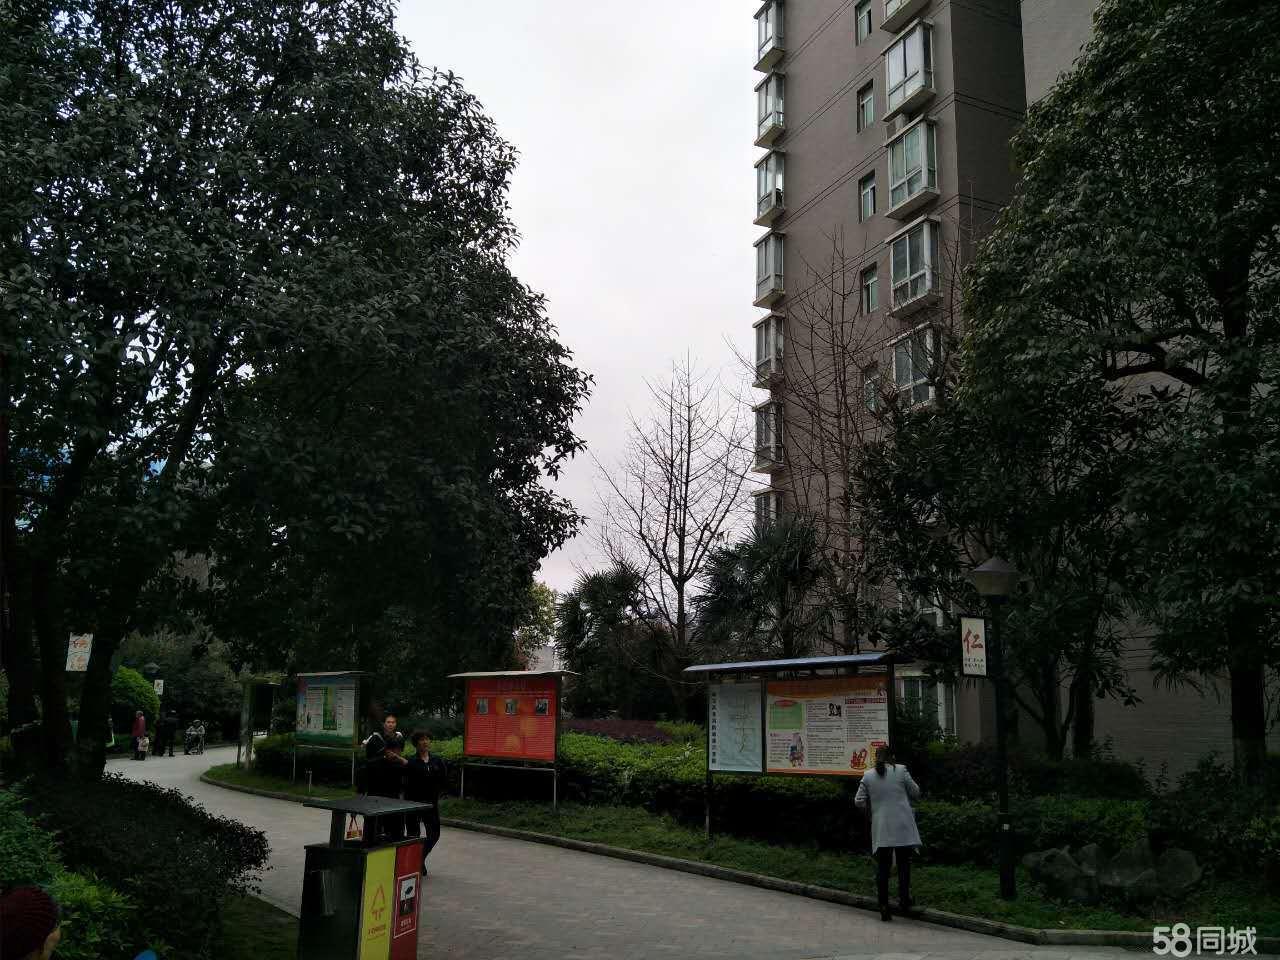 人车分离,此房户型好,南北朝向,两层复式楼,电梯房11-12楼,送60平方米屋顶花园,实际使用面积在280平方米左右,顶楼花园还可以上楼顶种花种菜,可以三层连用,是居家生活的好地方,附近生活设施完善;附近有;菜场,车站,医院,超市,还有河边公园可以自由散步